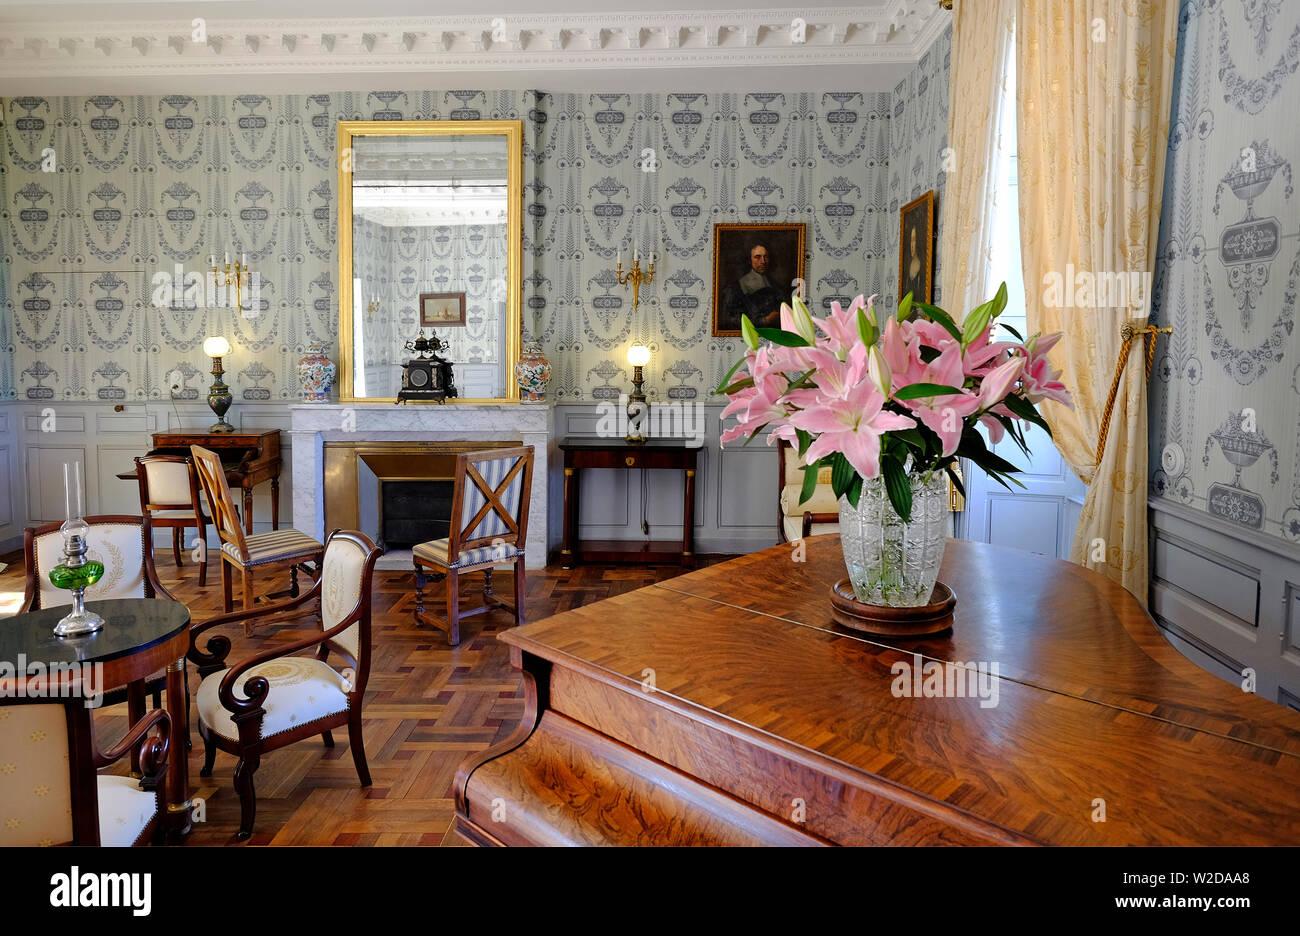 chateau marqueyssac drawing room interior dordogne france W2DAA8